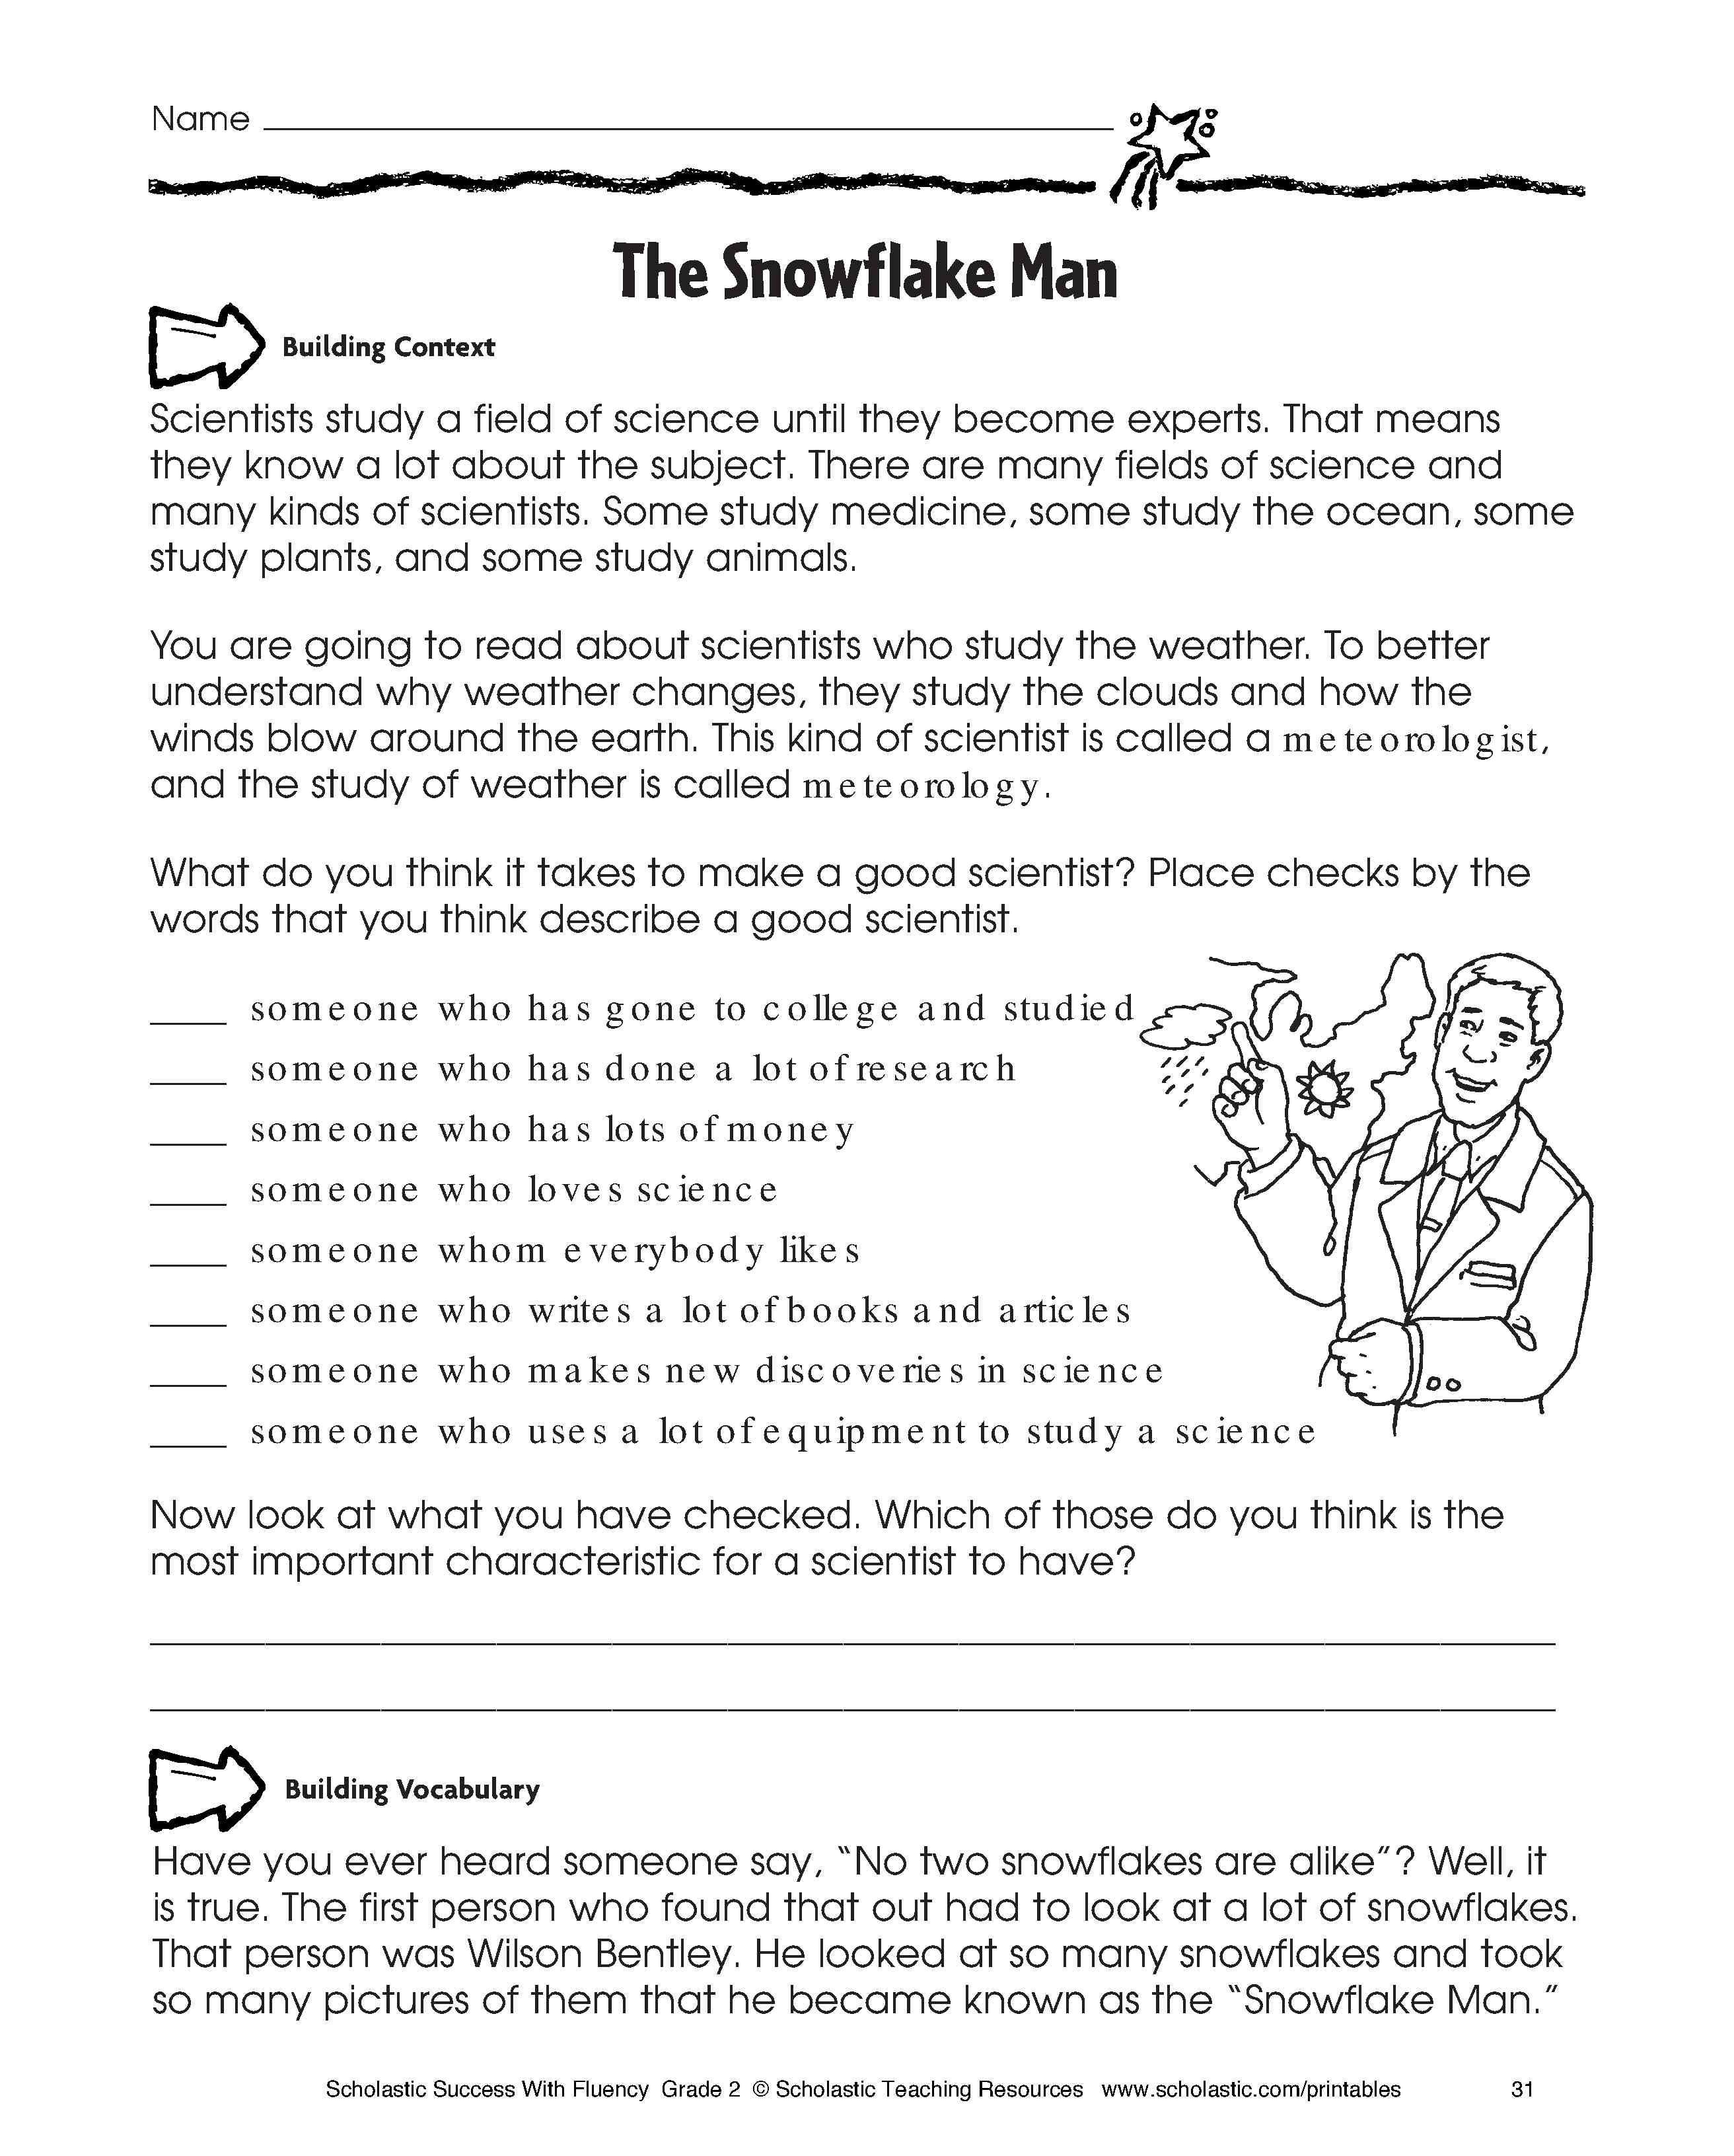 Free Printable High School Worksheets – Worksheet Template - Free | Free Printable High School Worksheets